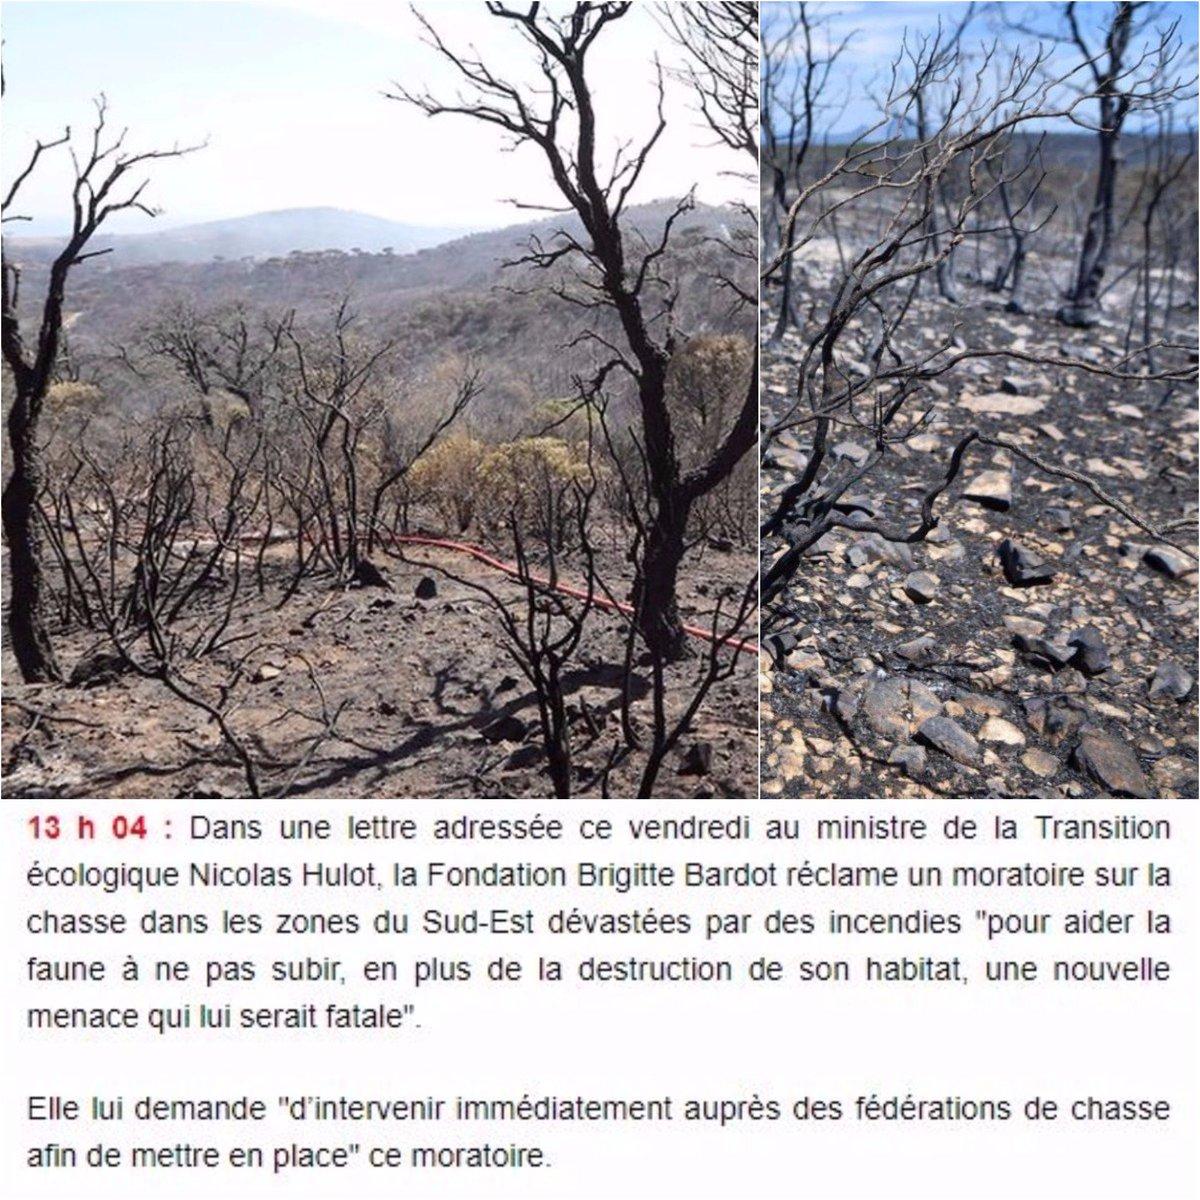 #IncendiesVar : la FBB demande à @N_Hulot d'intervenir auprès de l'ONCFS pour mettre en place un moratoire sur la chasse (dépêche AFP)